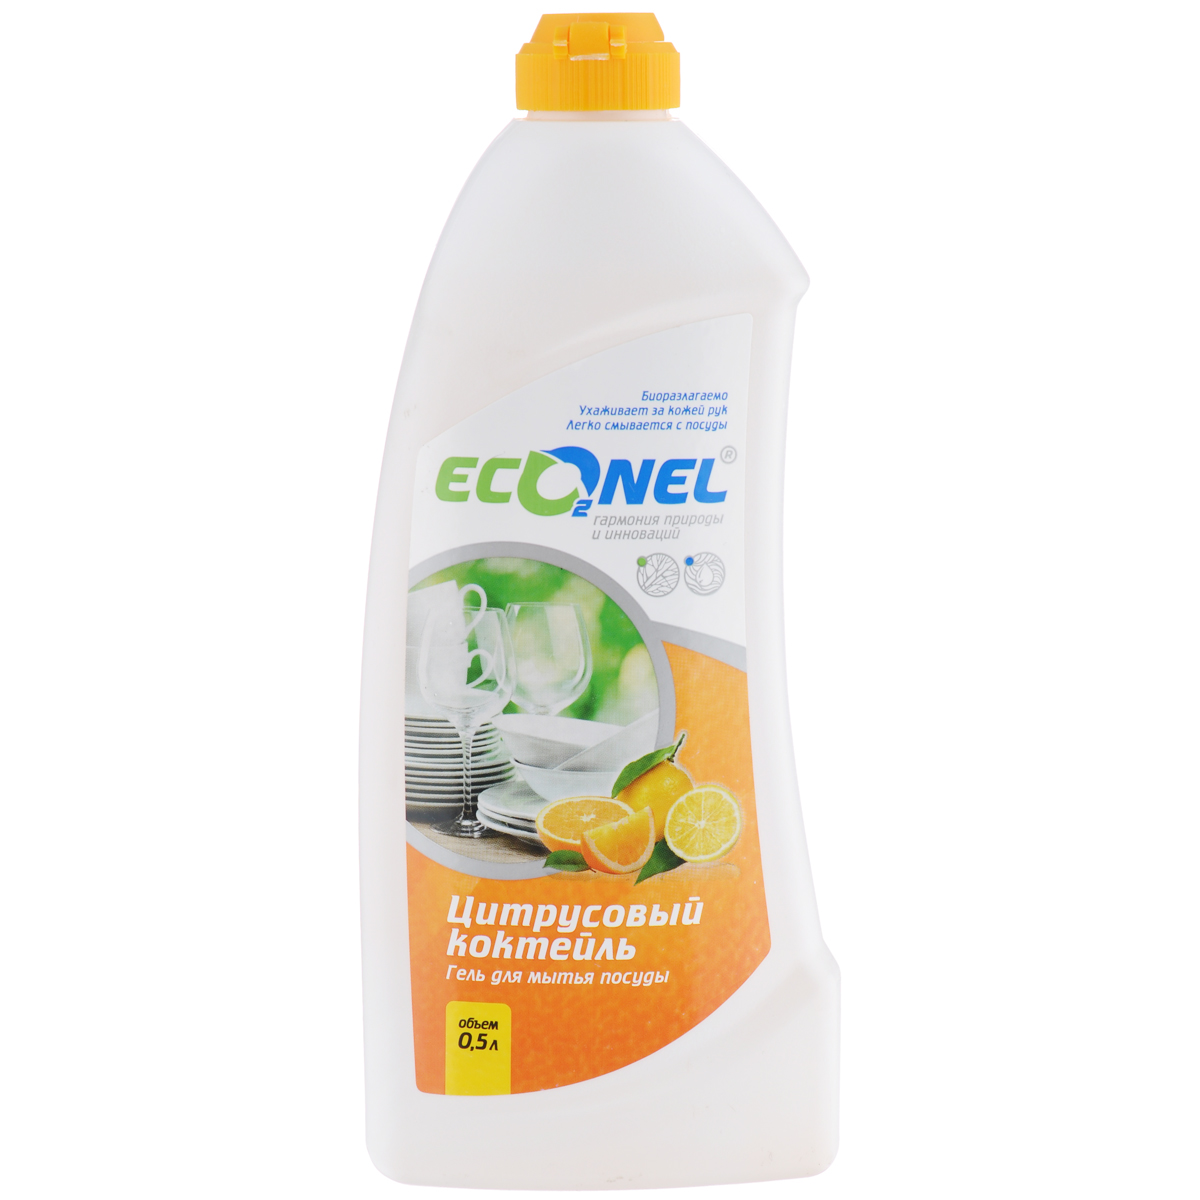 Гель для мытья посуды Econel Цитрусовый коктейль, 0,5 л870154Гель Econel Цитрусовый коктейль предназначен для мытья фарфоровой, фаянсовой, керамической, стеклянной и металлической посуды и столовых приборов. - Легко смывается с посуды, не оставляя следов и запахов на посуде- Заботится о коже рук благодаря смягчающим компонентам- Биоразлагаем и безопасен для окружающей среды- Эффективно справляется с любыми жировыми загрязнениями.Состав: менее 5%: ароматизатор, глицерин, краситель, полимеры, консервант, карбамид, неионогенное поверхностно-активное вещество, амфотерное поверхностно-активное вещество, анионное поверхностно-активное вещество; 5-15% хлорид натрия; более 30% вода очищенная. Как выбрать качественную бытовую химию, безопасную для природы и людей. Статья OZON Гид